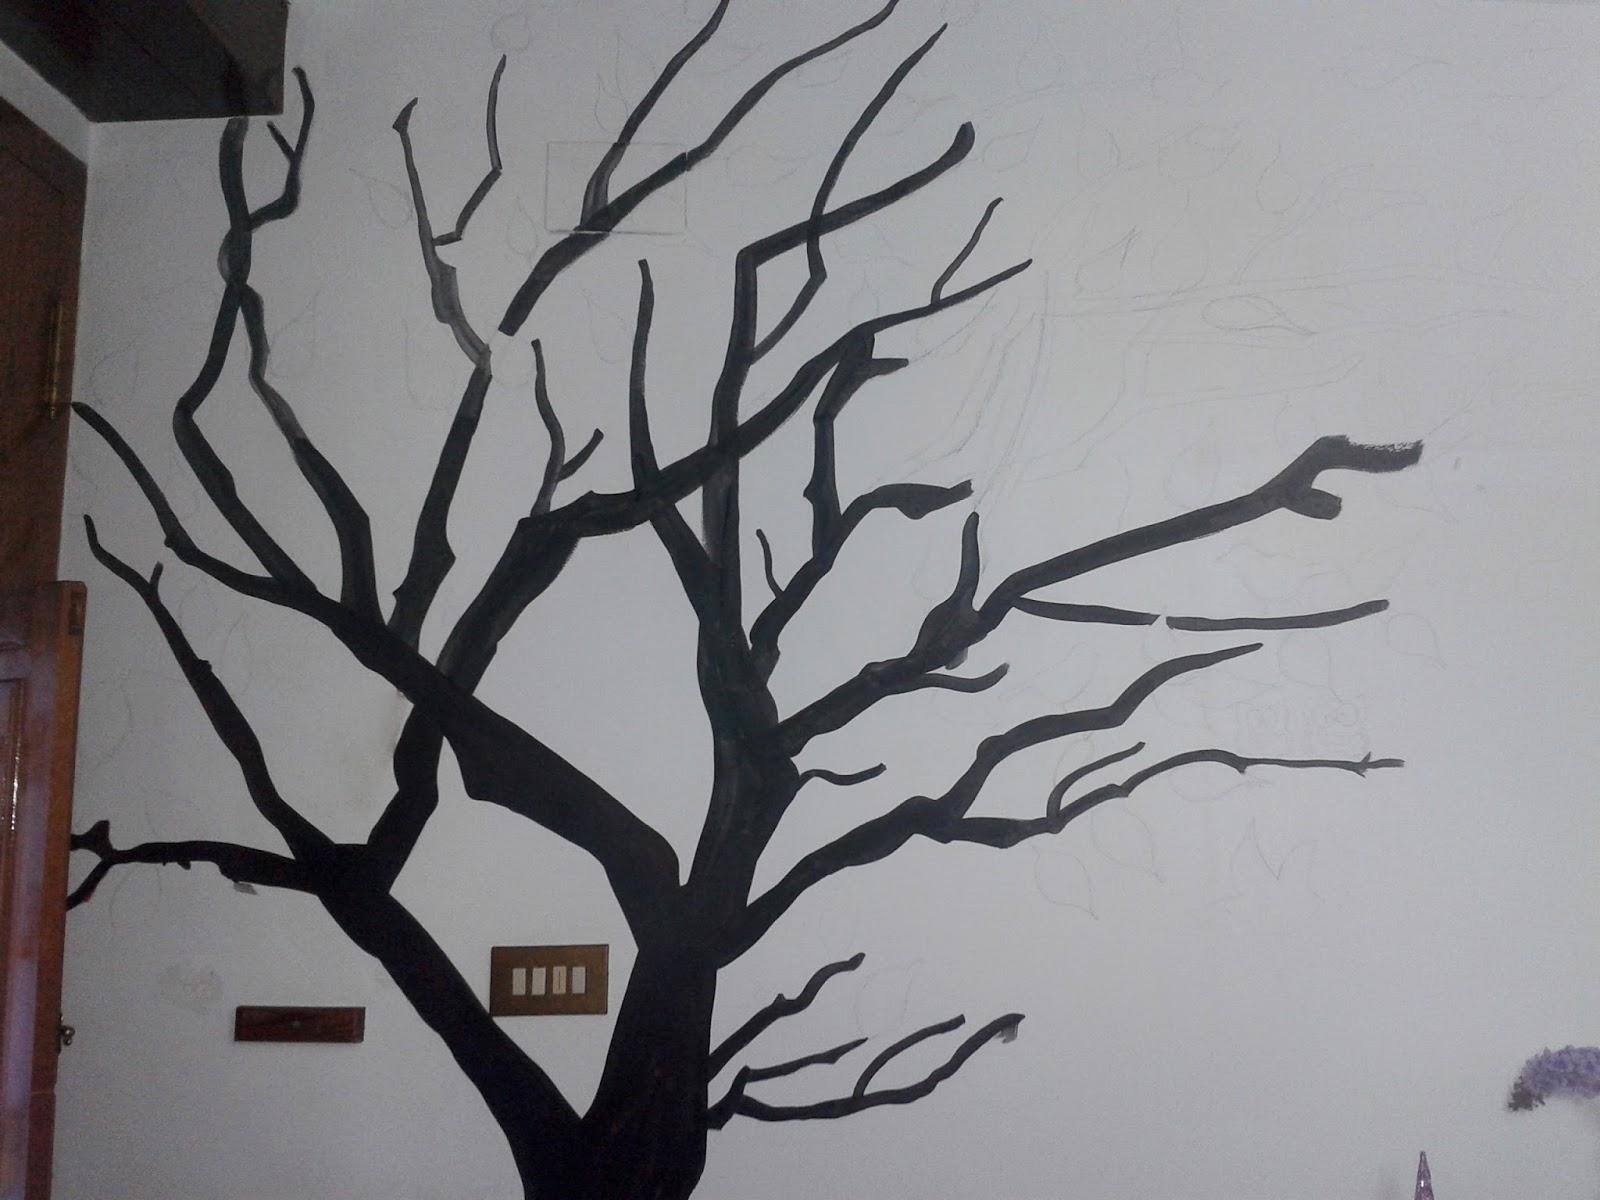 Diy mural rbol con hojas geno dise o arte for Un mural facil de hacer